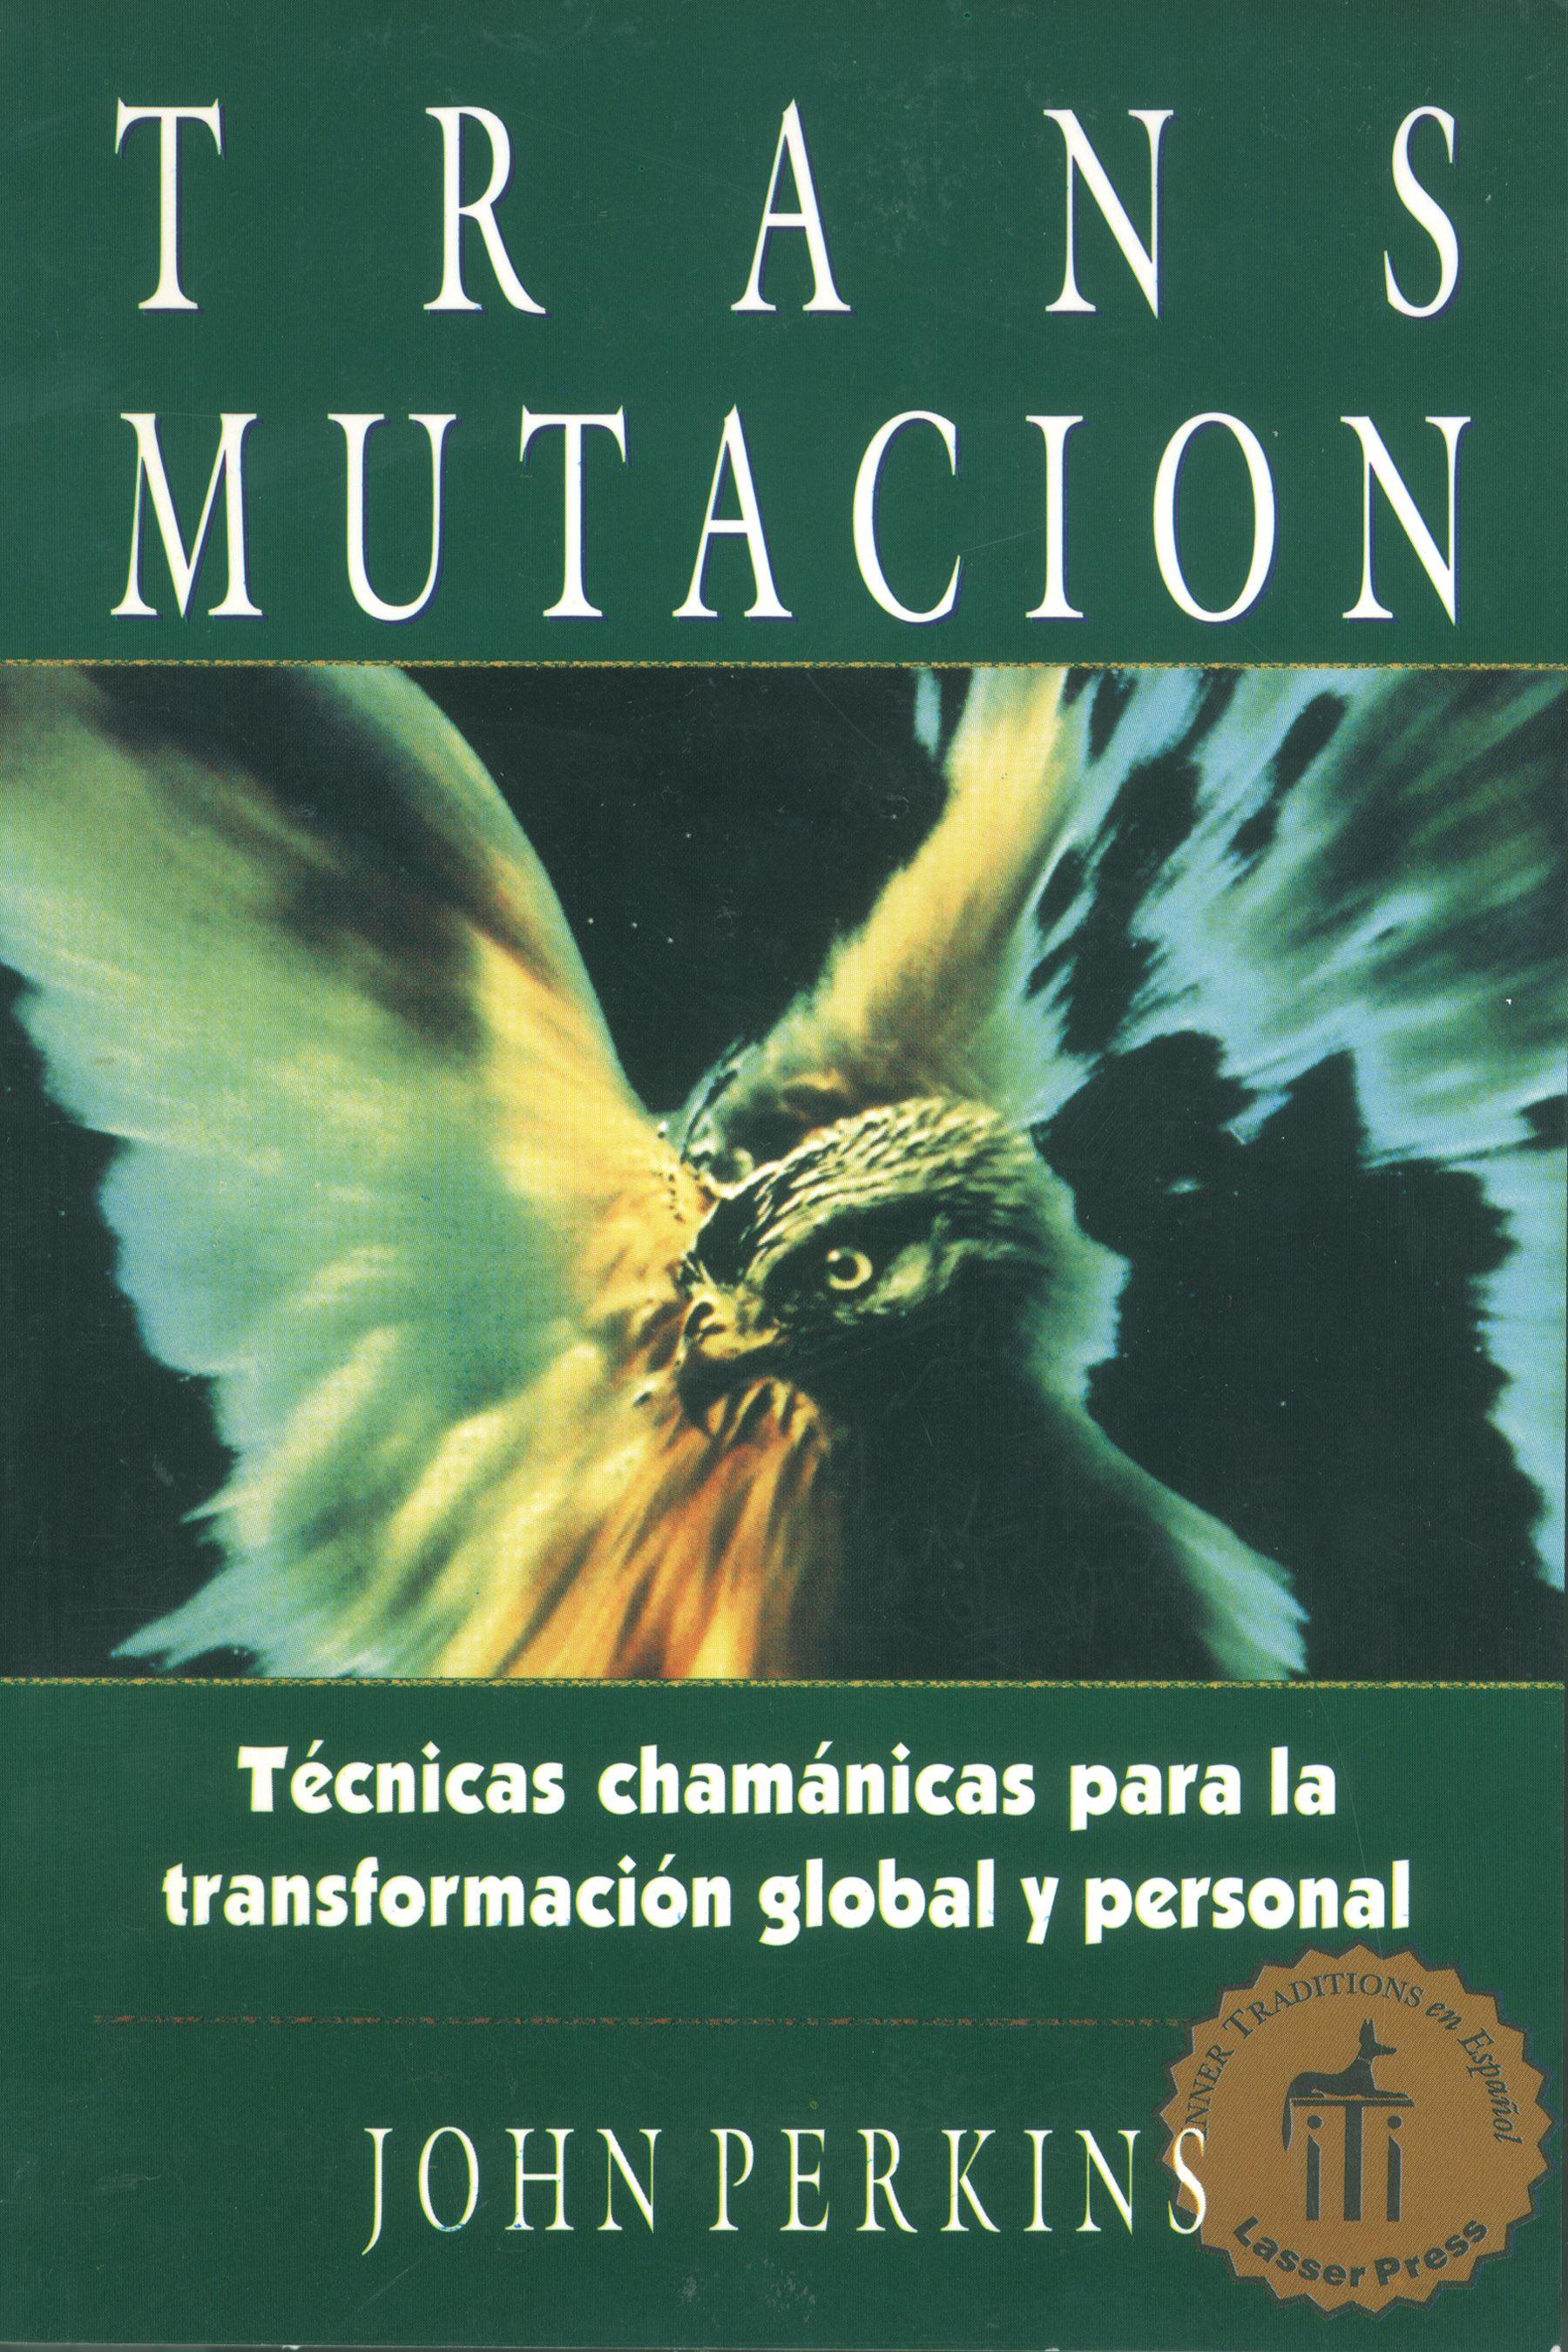 Transmutacion 9780892815920 hr